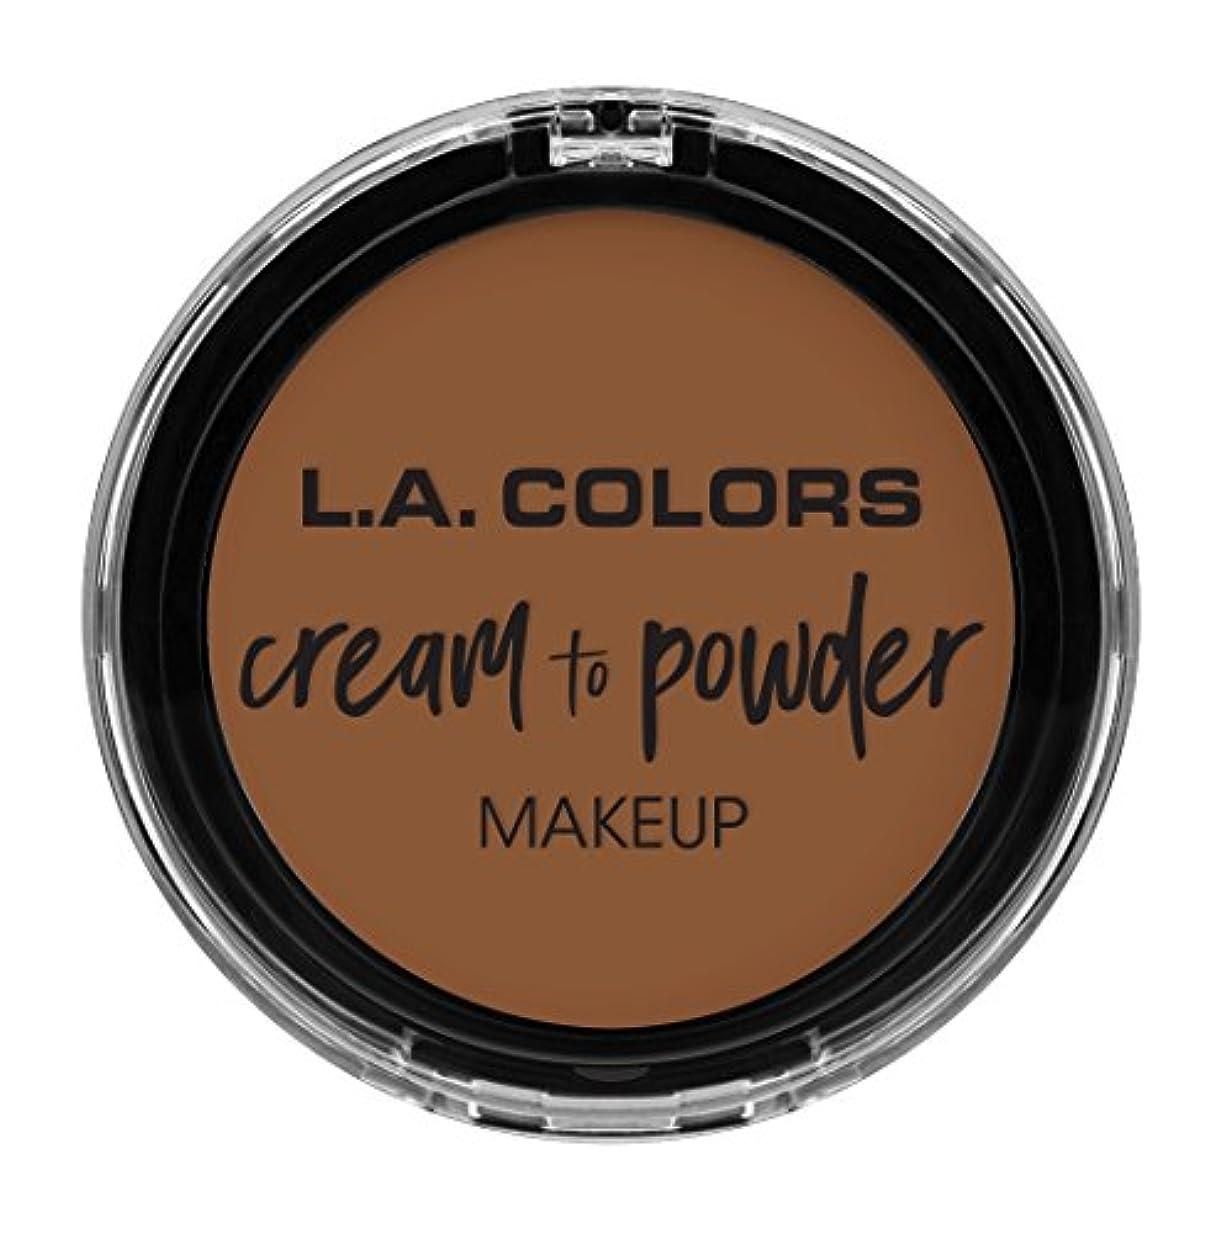 首調和のとれた一時停止L.A. COLORS Cream To Powder Foundation - Tan (並行輸入品)